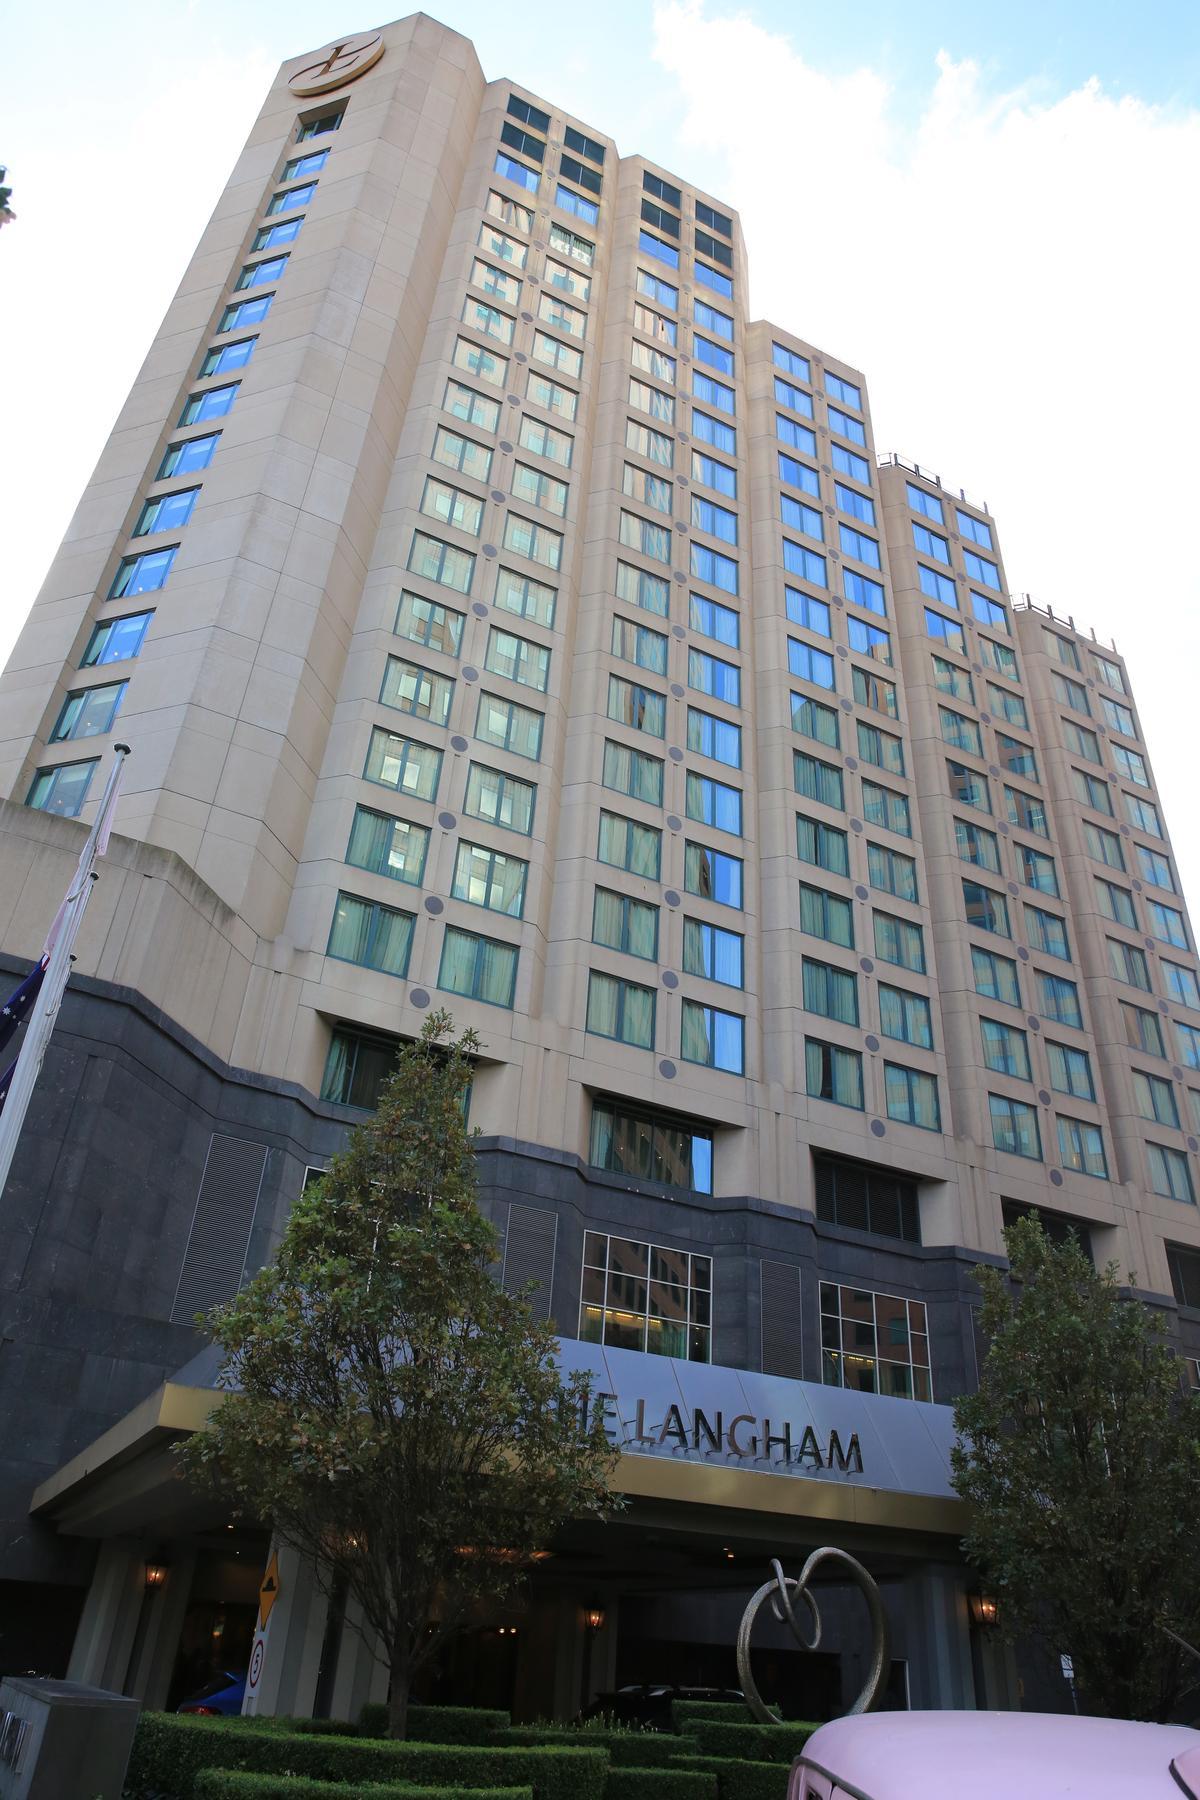 墨爾本的「朗廷酒店」,在當地算是老牌旅館,以交通便利著稱。